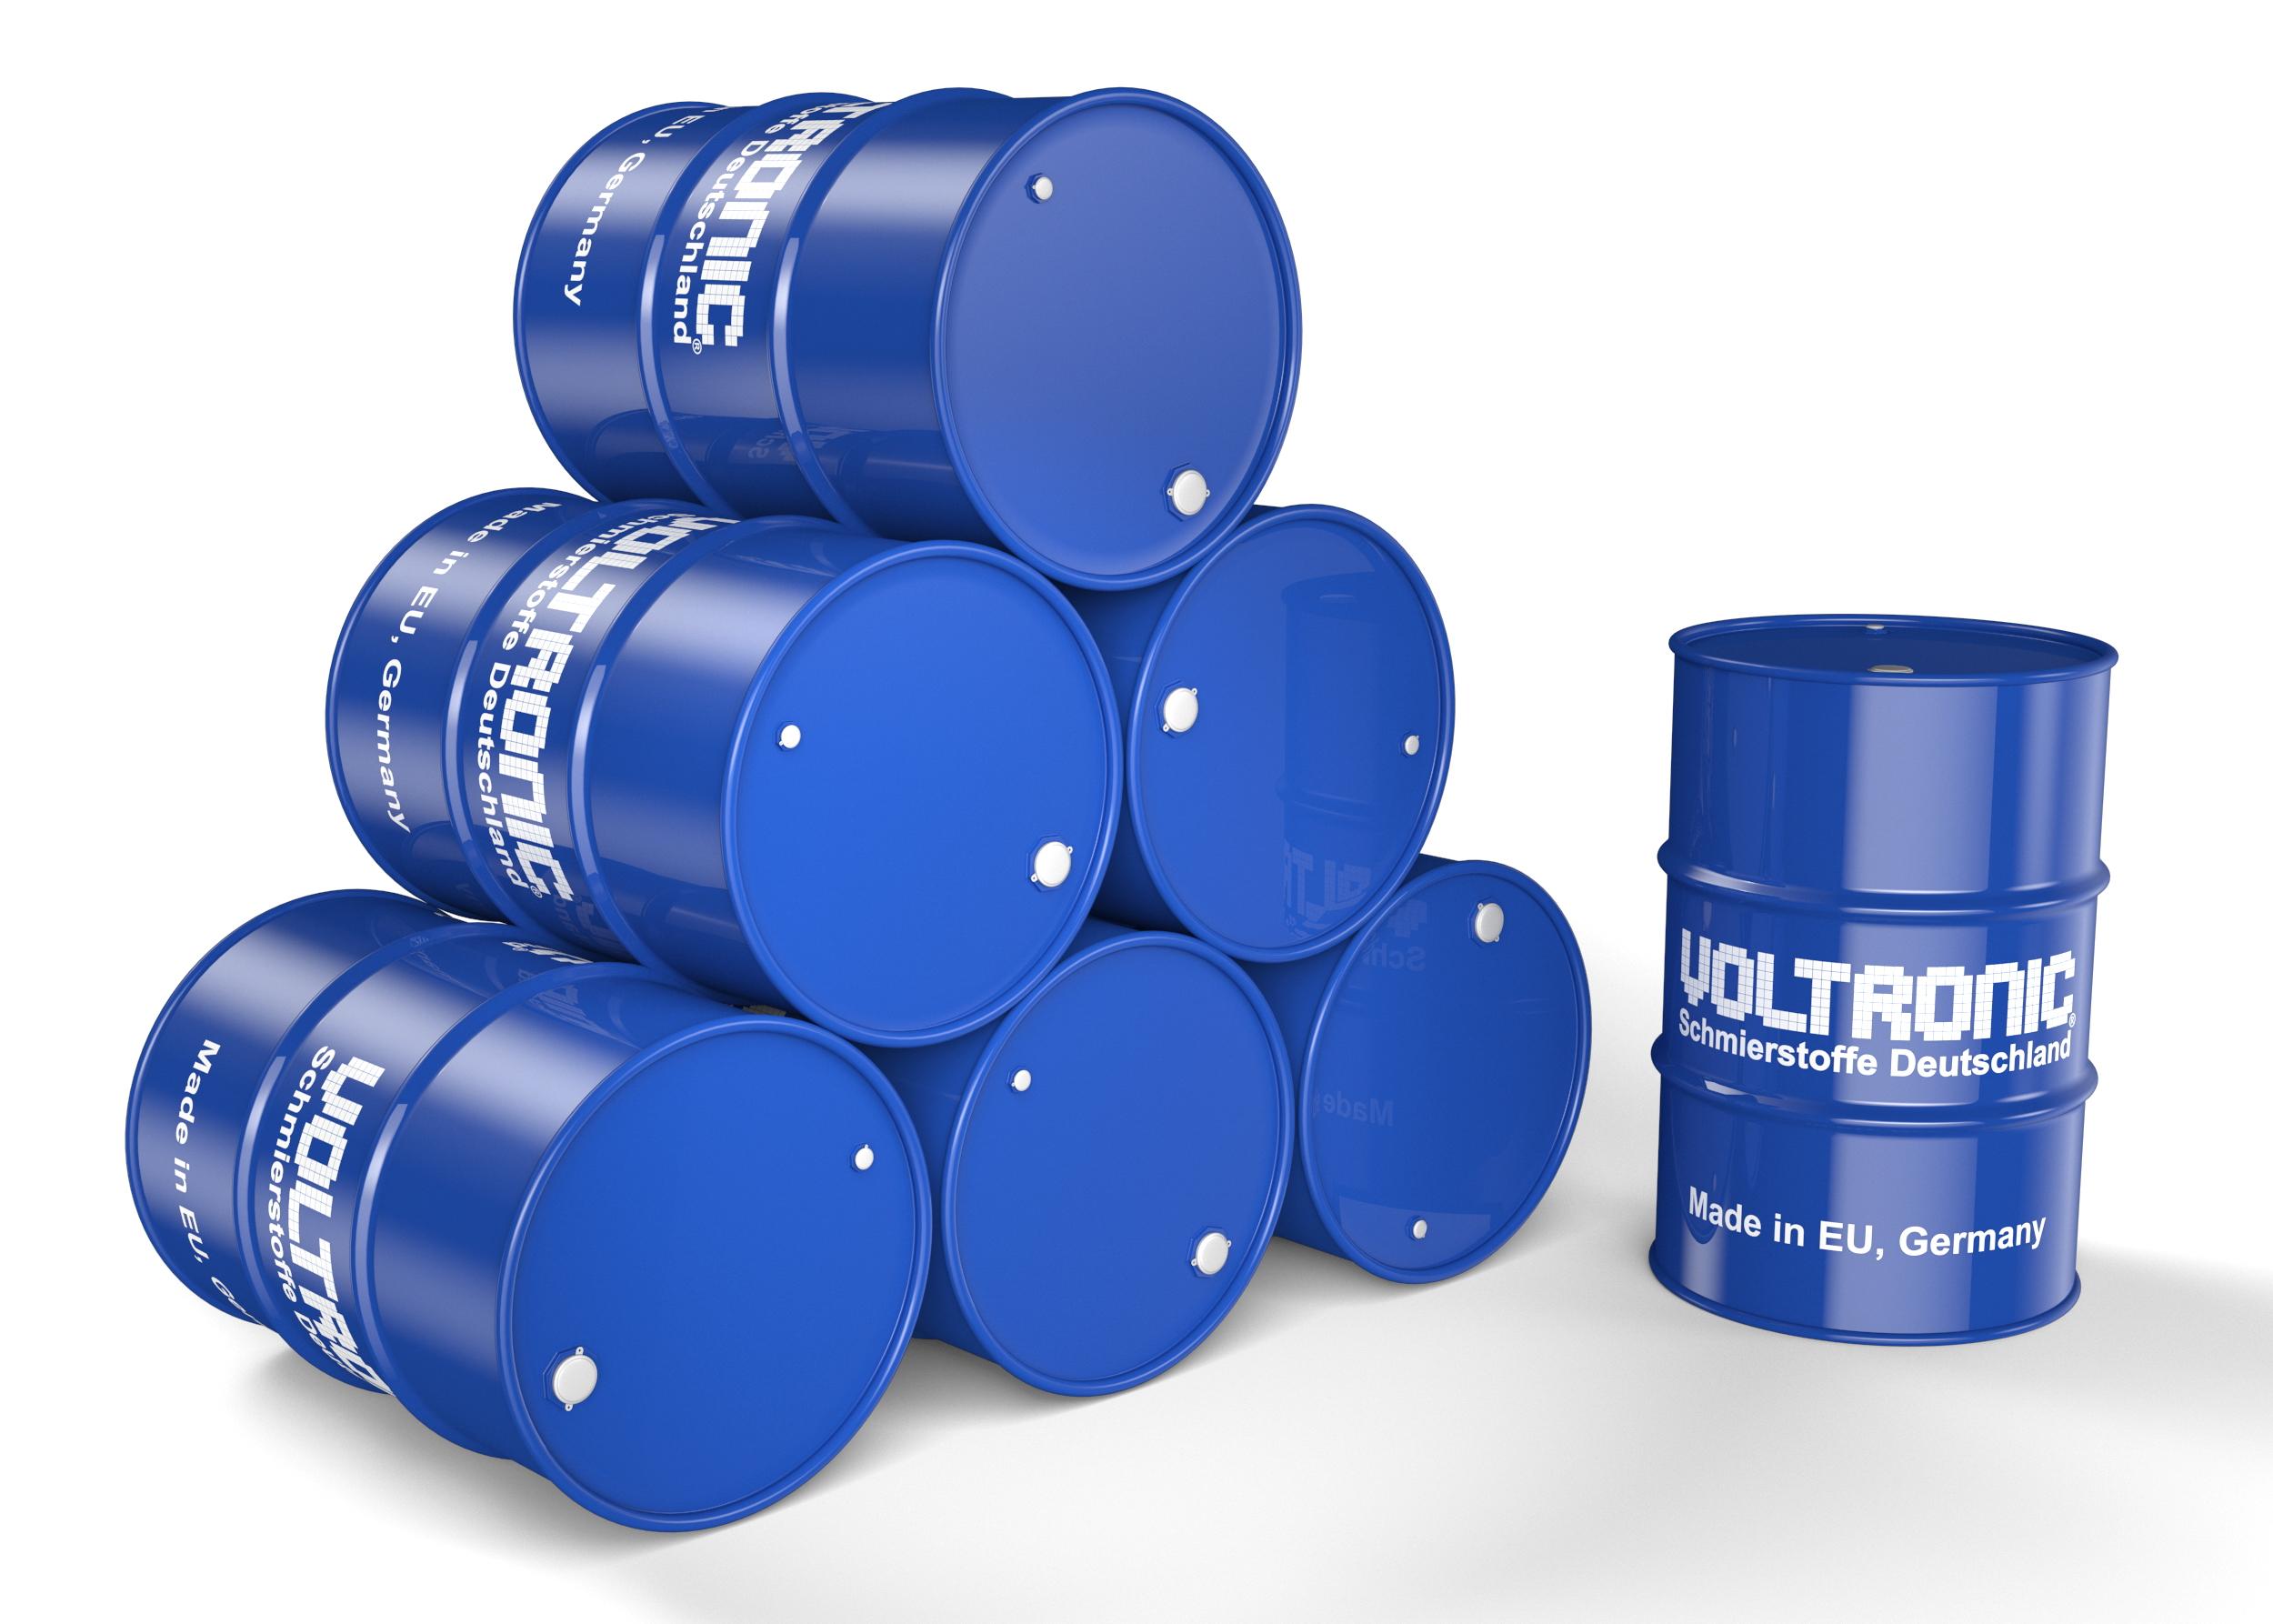 voltronic motor oil